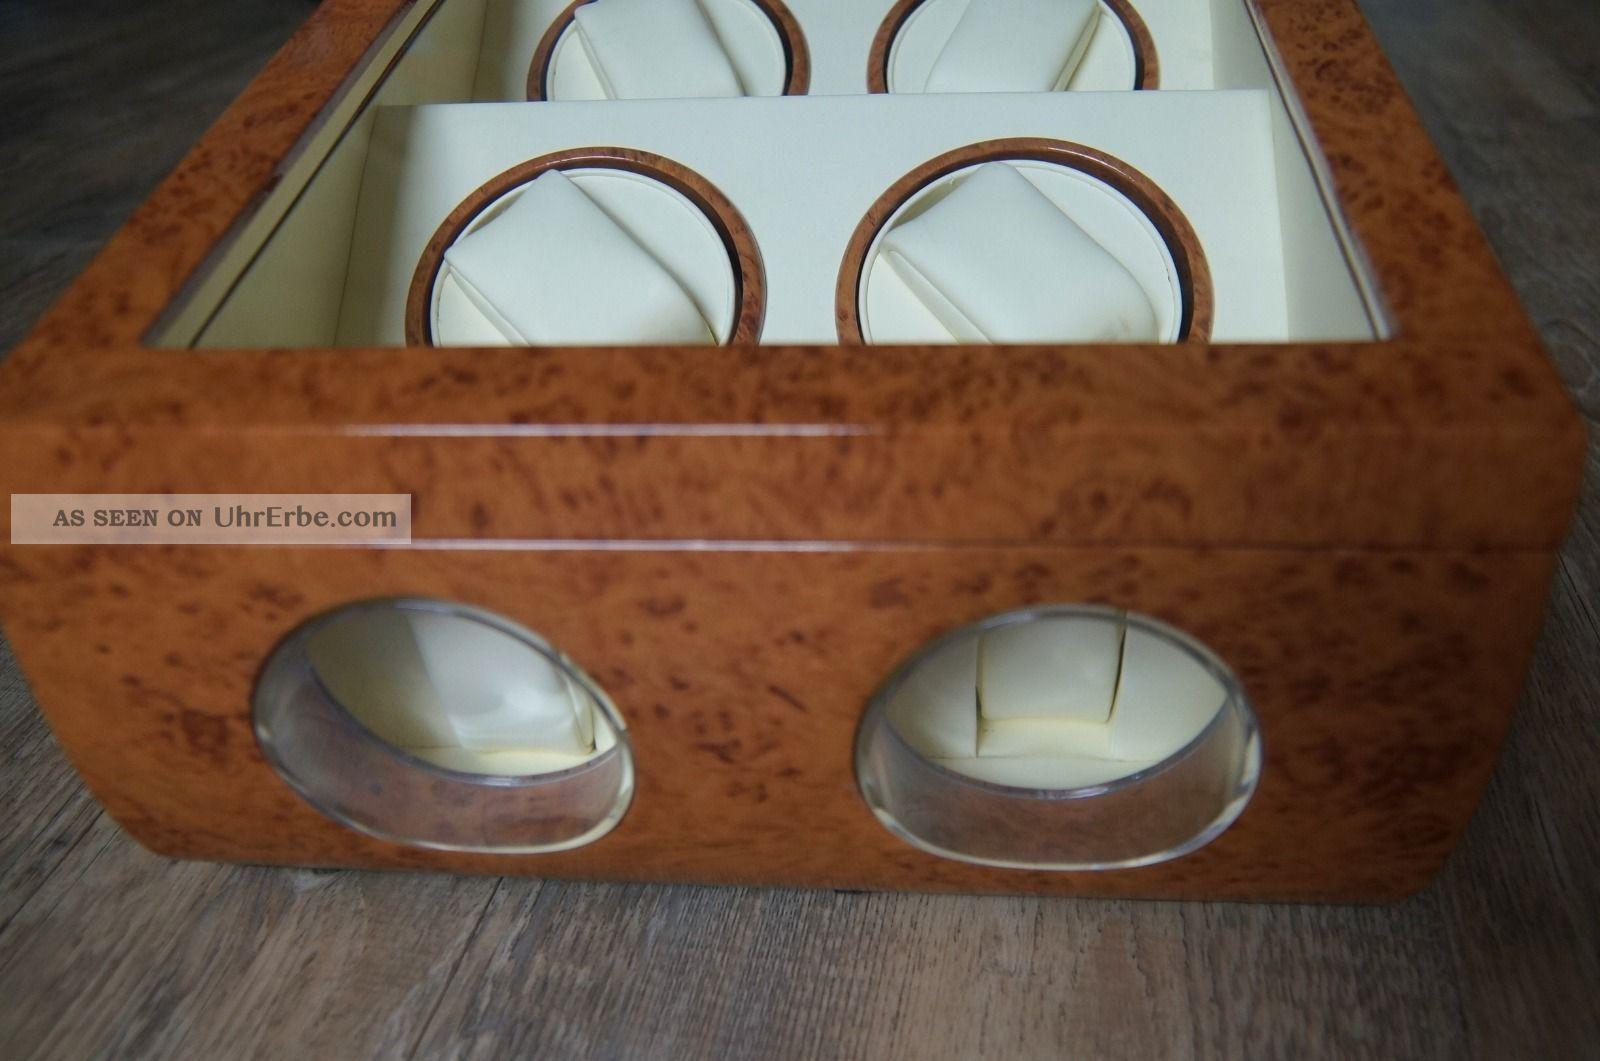 feinwerk uhrenbeweger f r 4 uhren automatischer uhrenbeweger 2 aufbewahrung. Black Bedroom Furniture Sets. Home Design Ideas